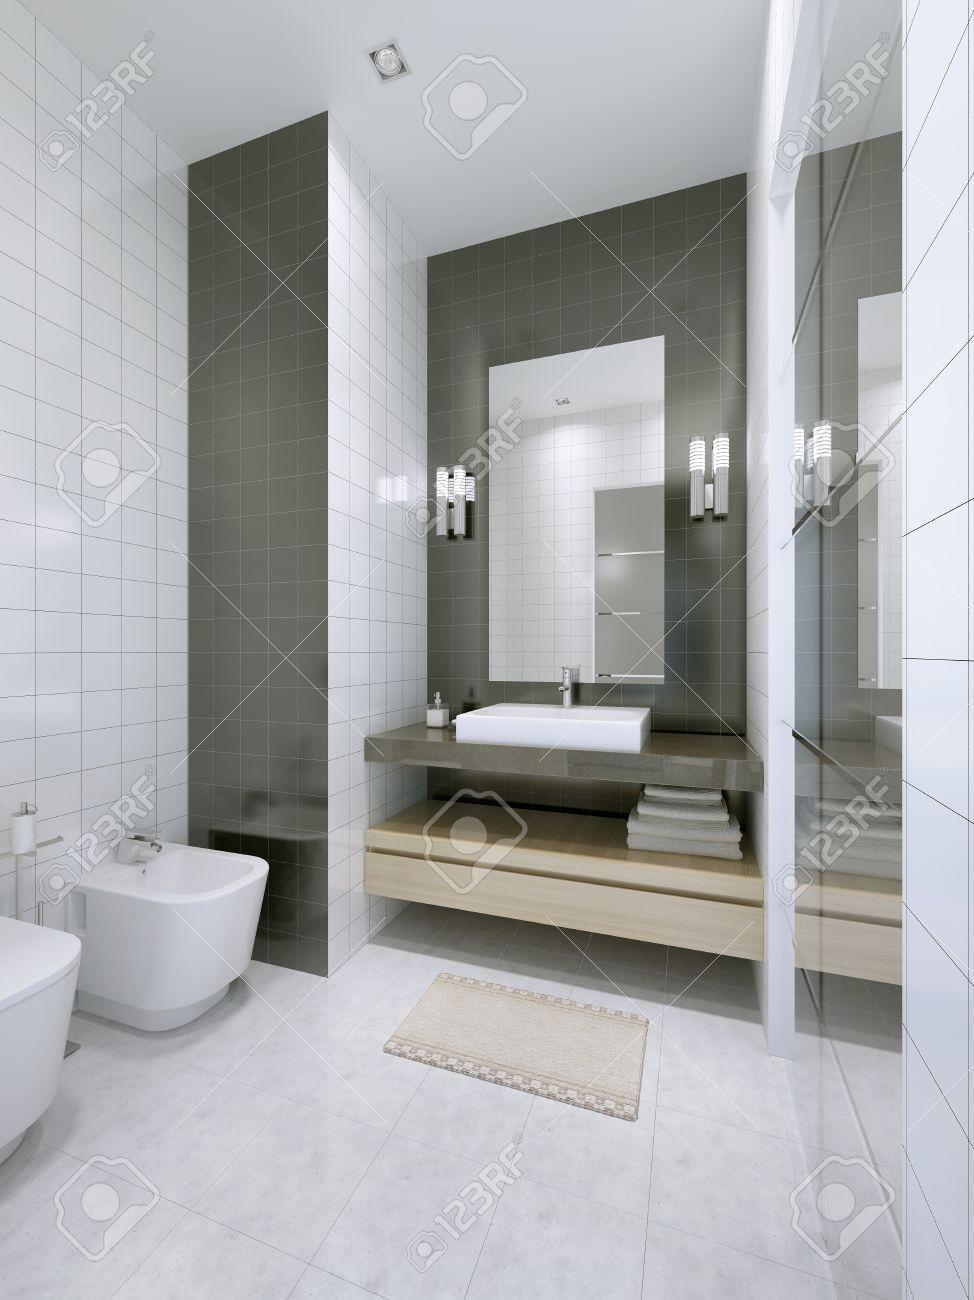 Salle De Bain Carrelage Marbre salle de bains blanc dans des appartements de l'hôtel. carrelage en marbre,  doubles murs carrelés de couleur. 3d render